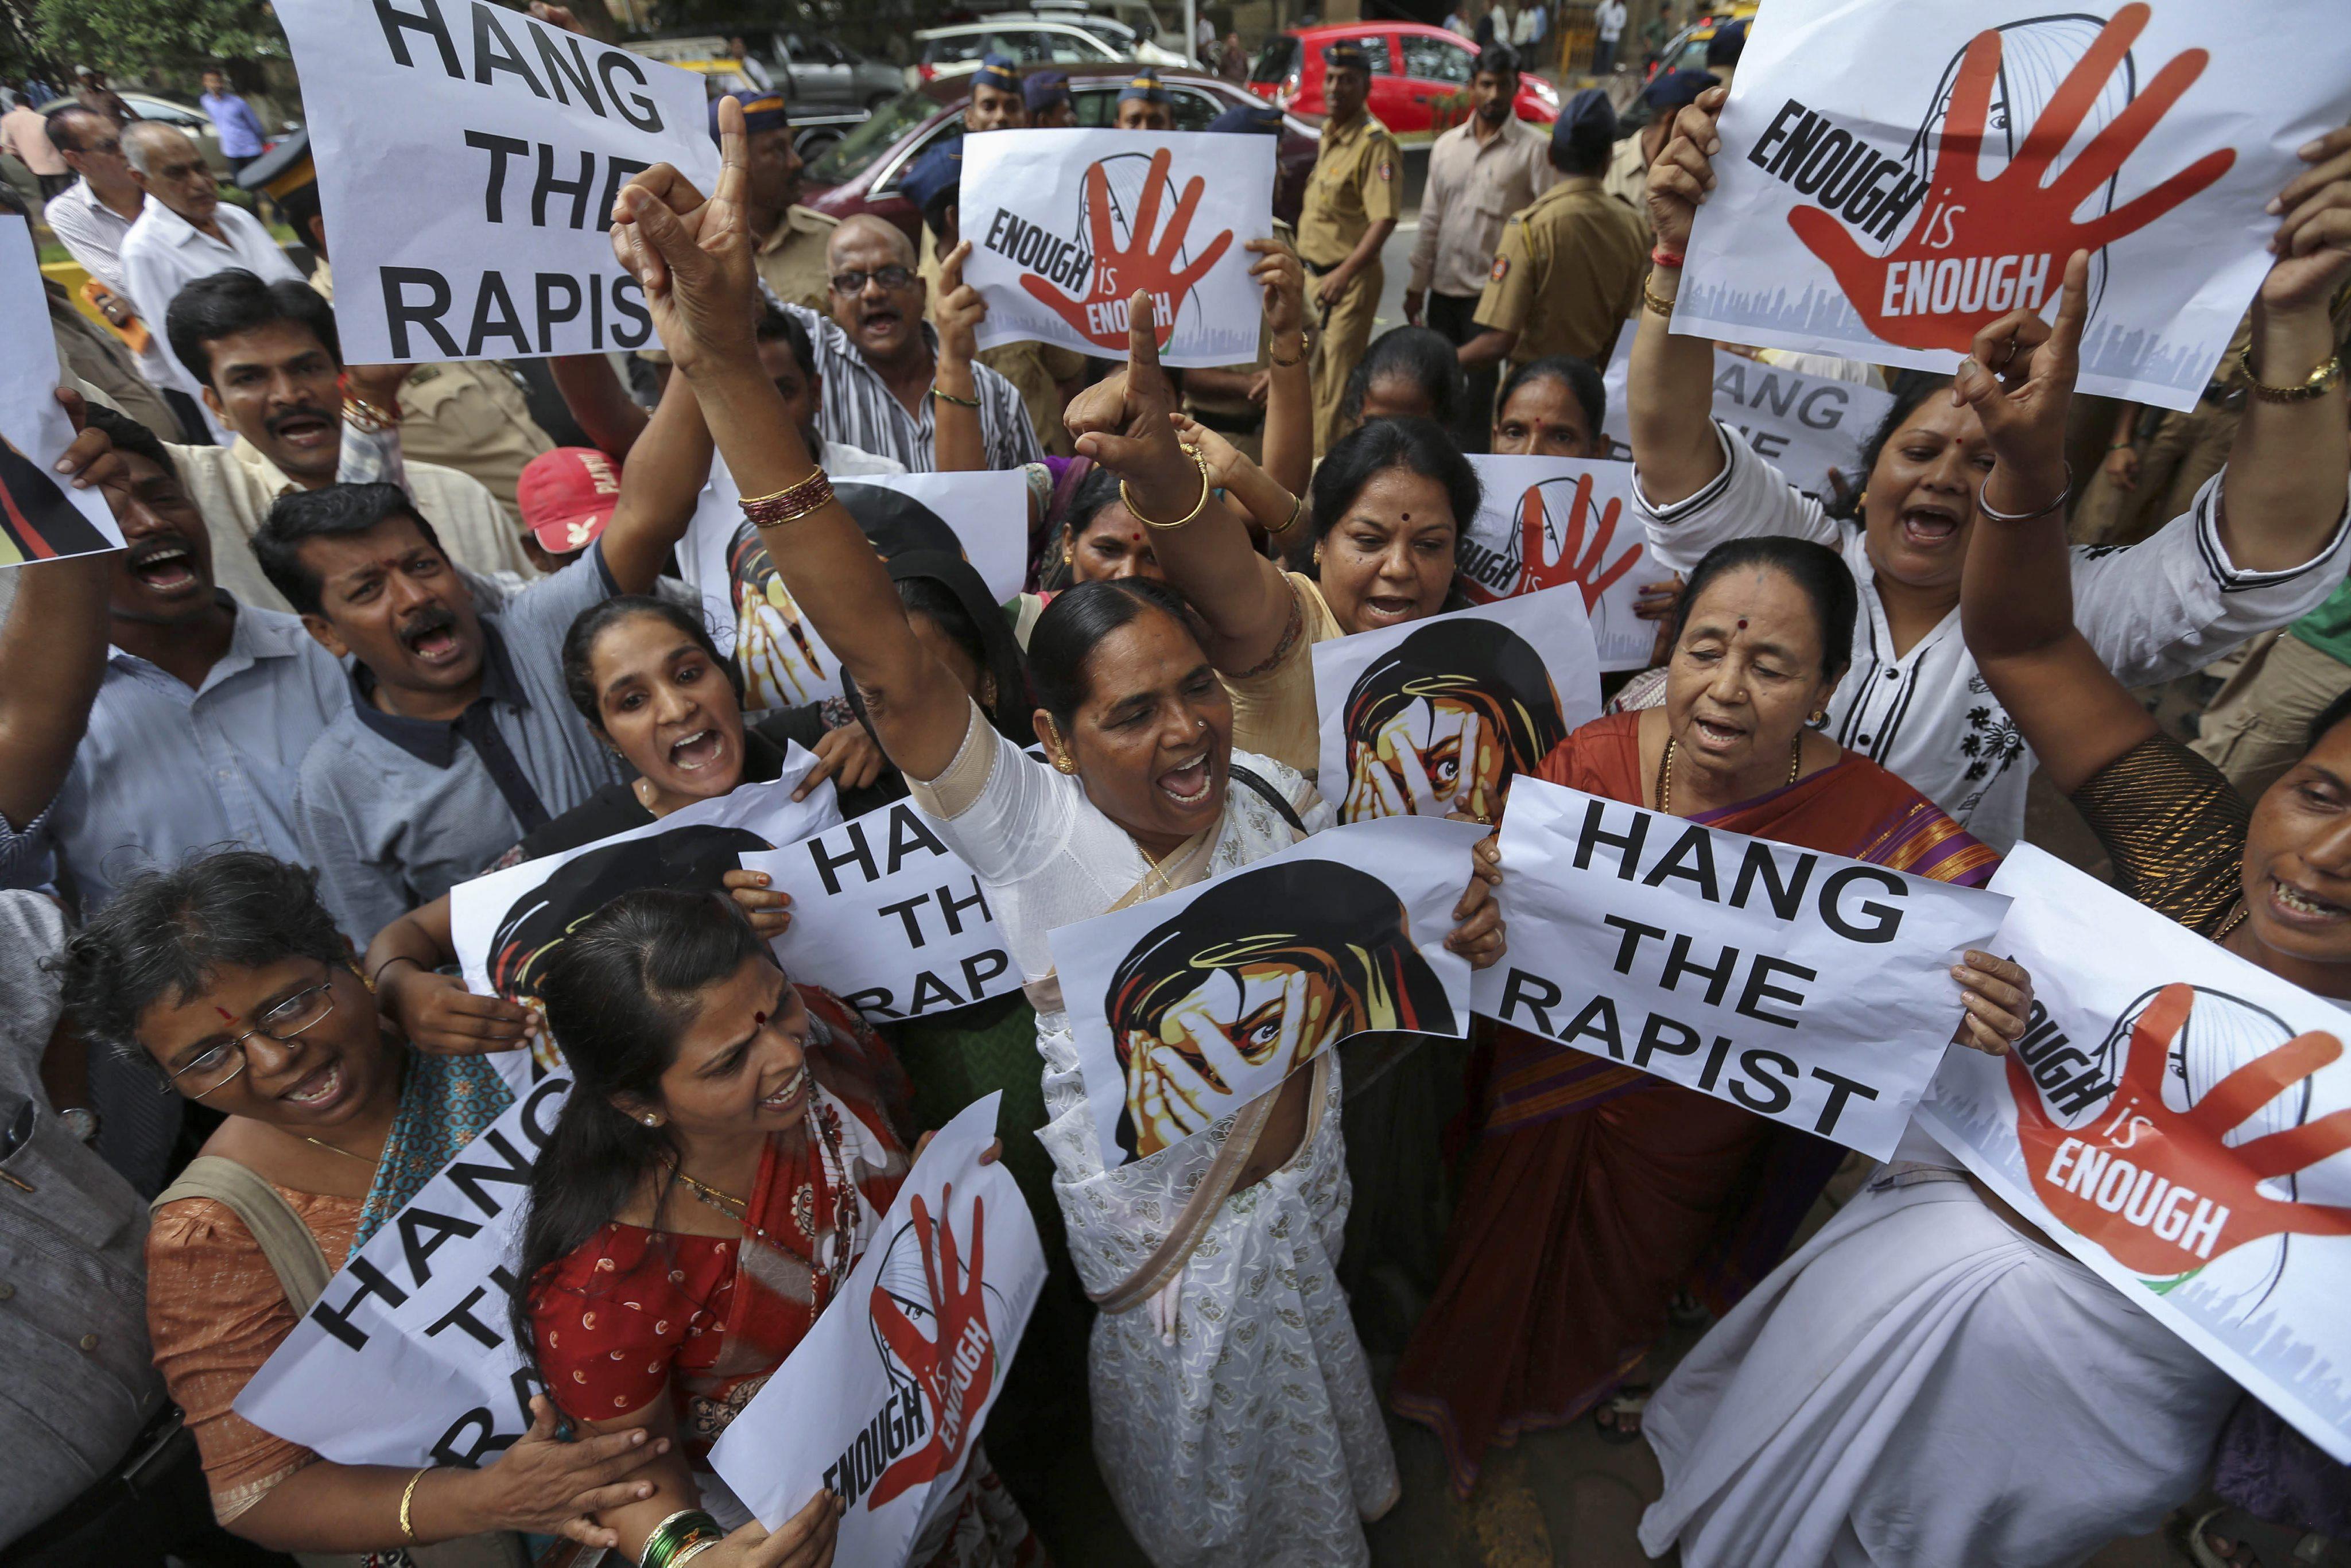 Los violadores en la India no reducirán sentencia casándose con sus víctimas